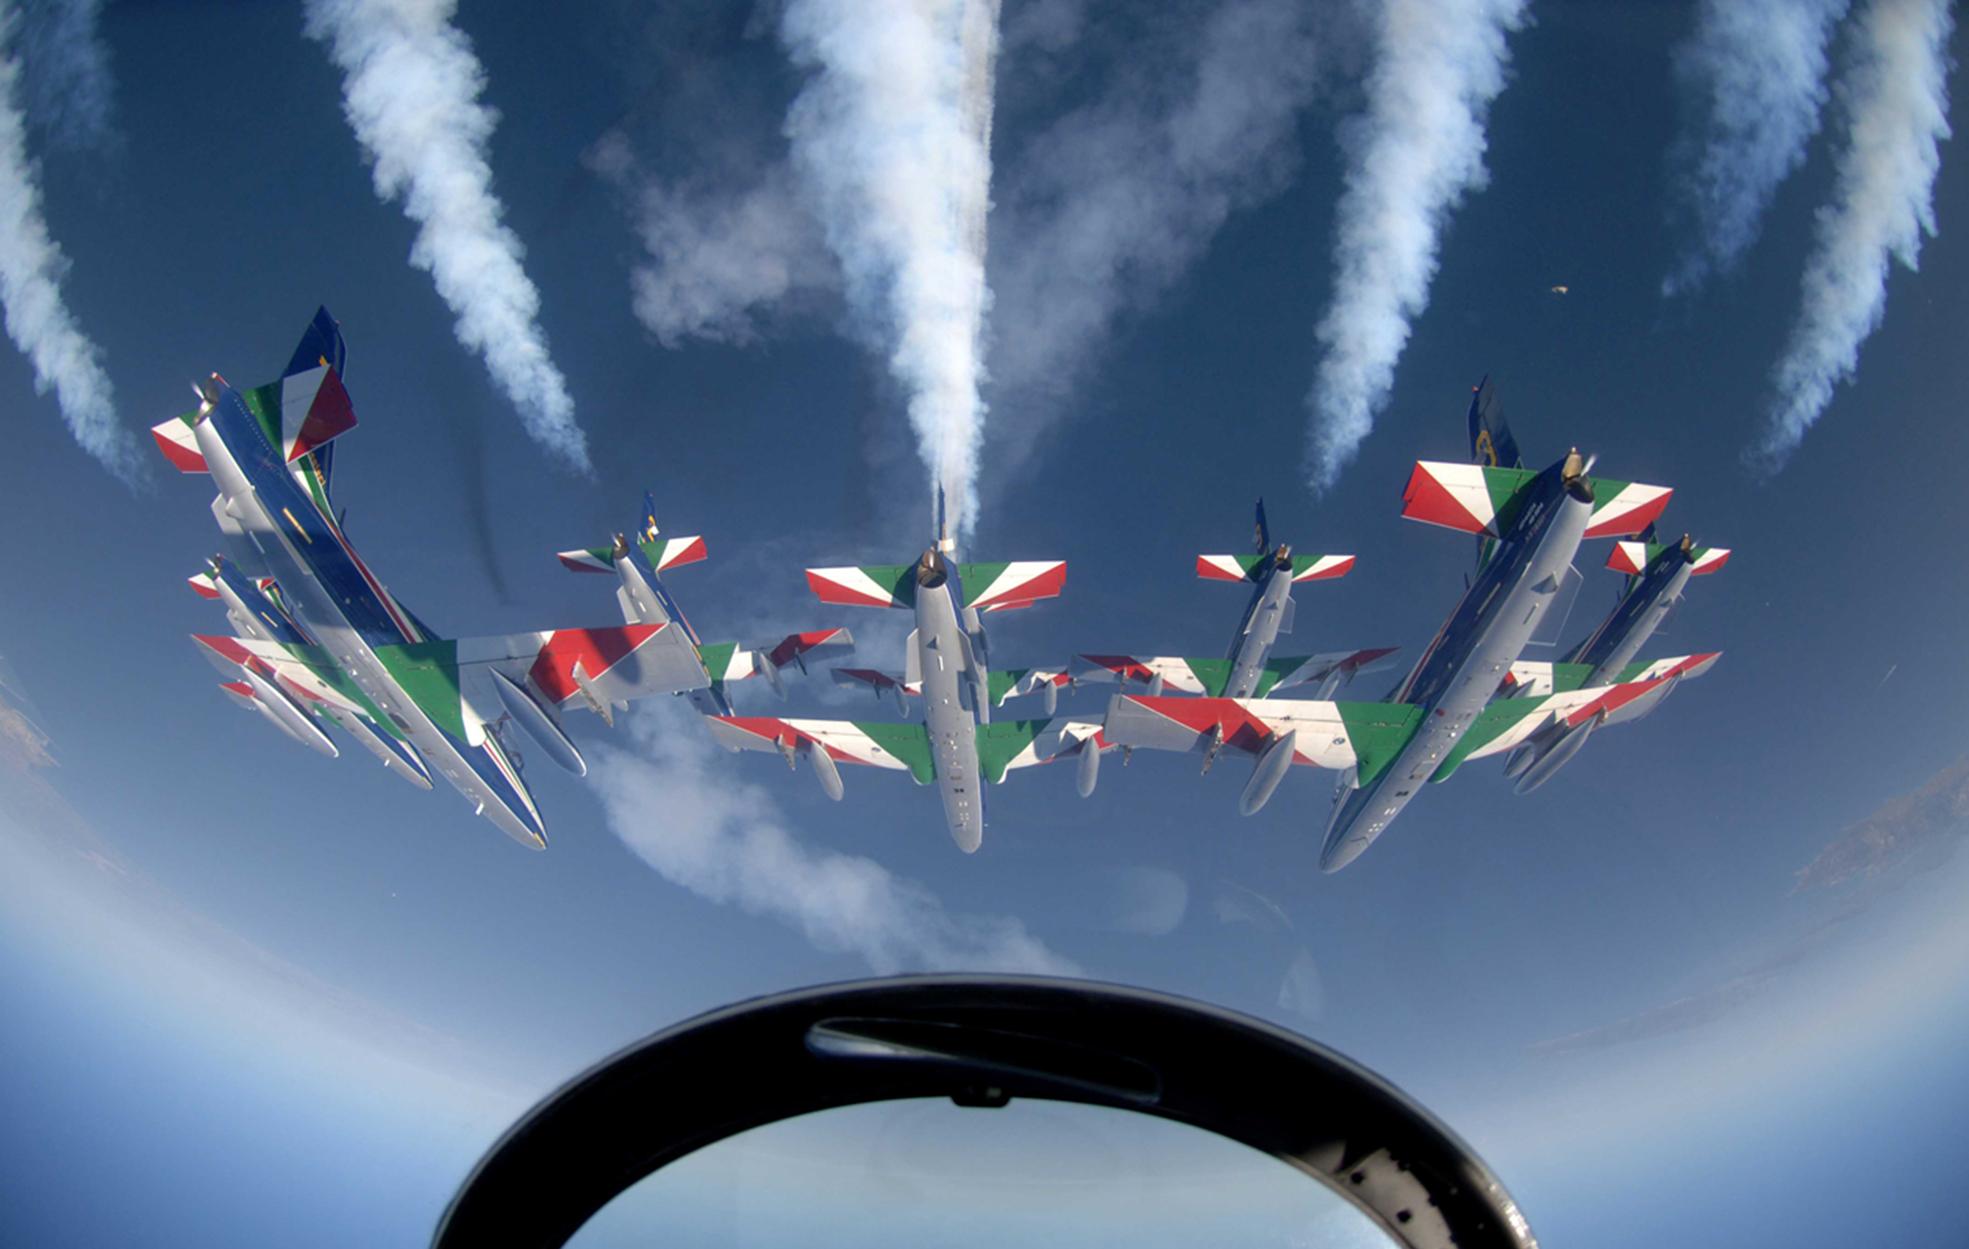 Le Frecce Tricolori sorvolano Perugia